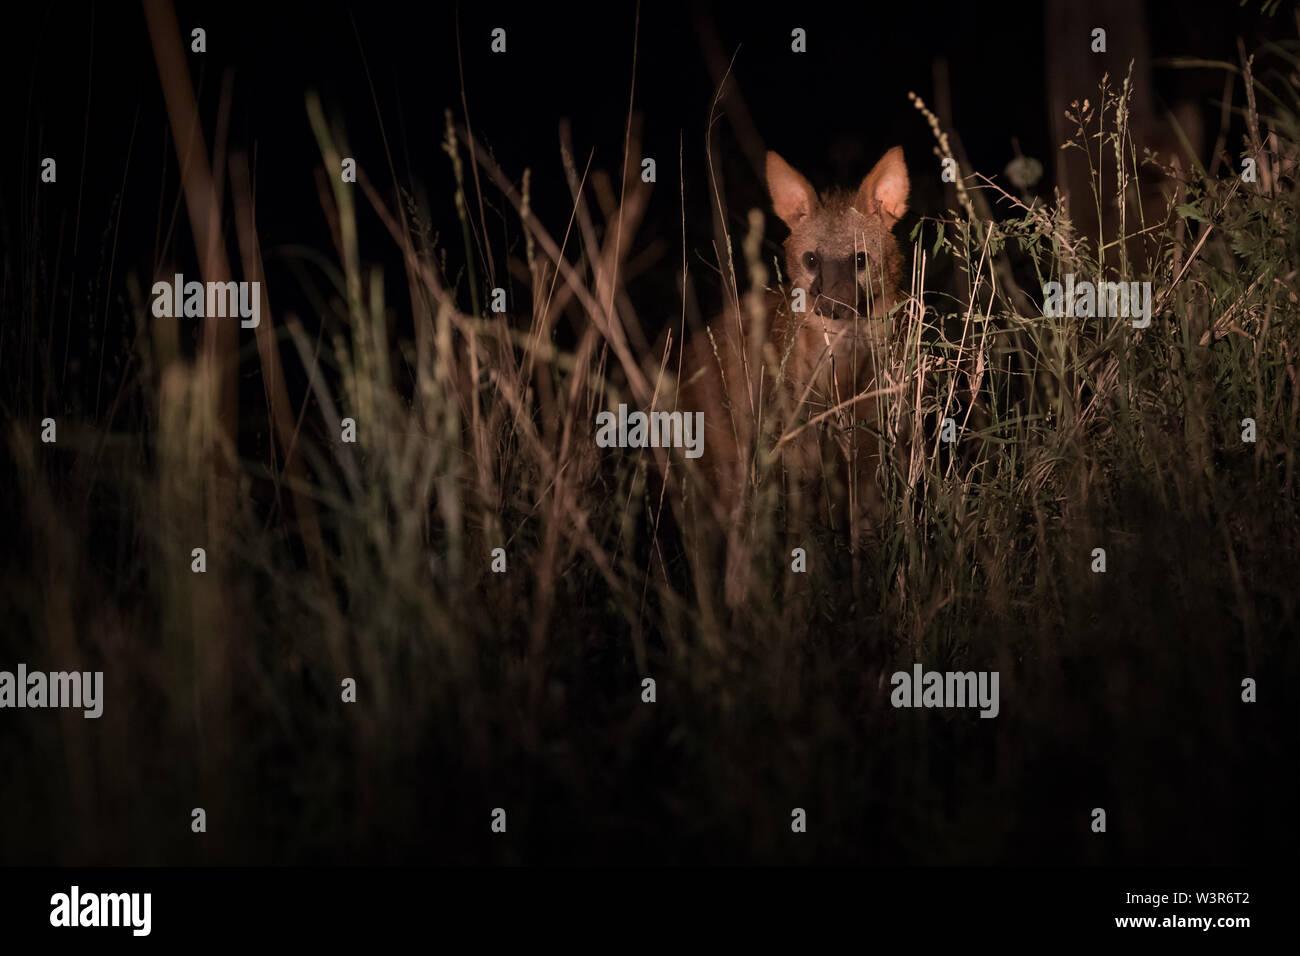 Un Proteles cristata aardwolf, pics, par de l'herbe tandis que dehors la chasse nocturne à Madikwe Game Reserve, North West, Afrique du Sud. Banque D'Images